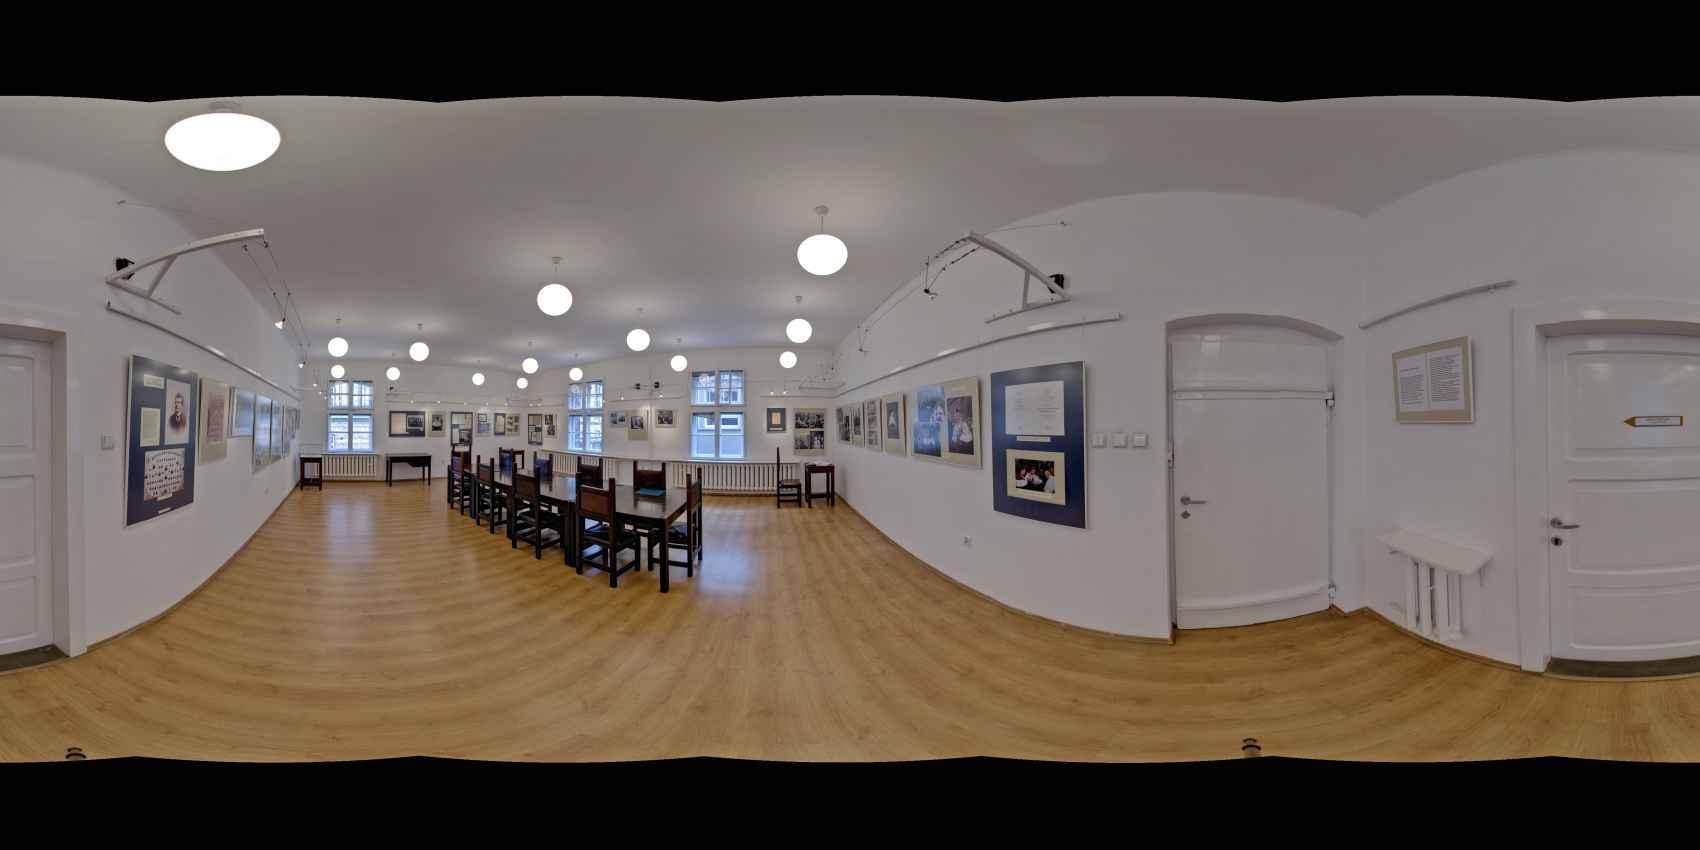 Prezentacja panoramiczna dla obiektu Muzeum Politechniki Krakowskiej